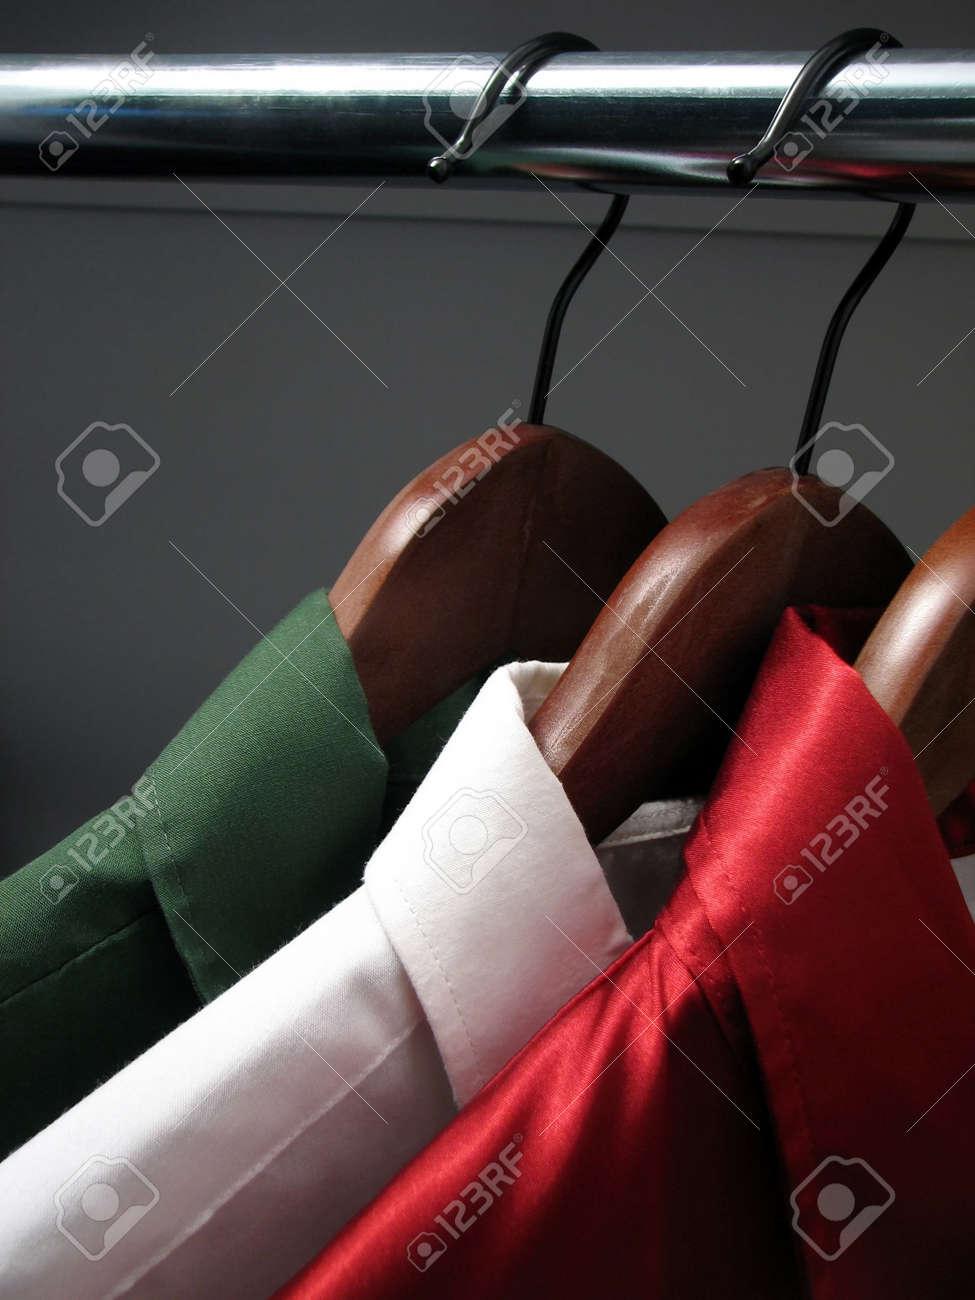 Shirts Vertegenwoordigen Italiaanse Vlag Kleuren Van Italië Groen Witte En Rode Shirts Op Houten Hangers In Een Kast